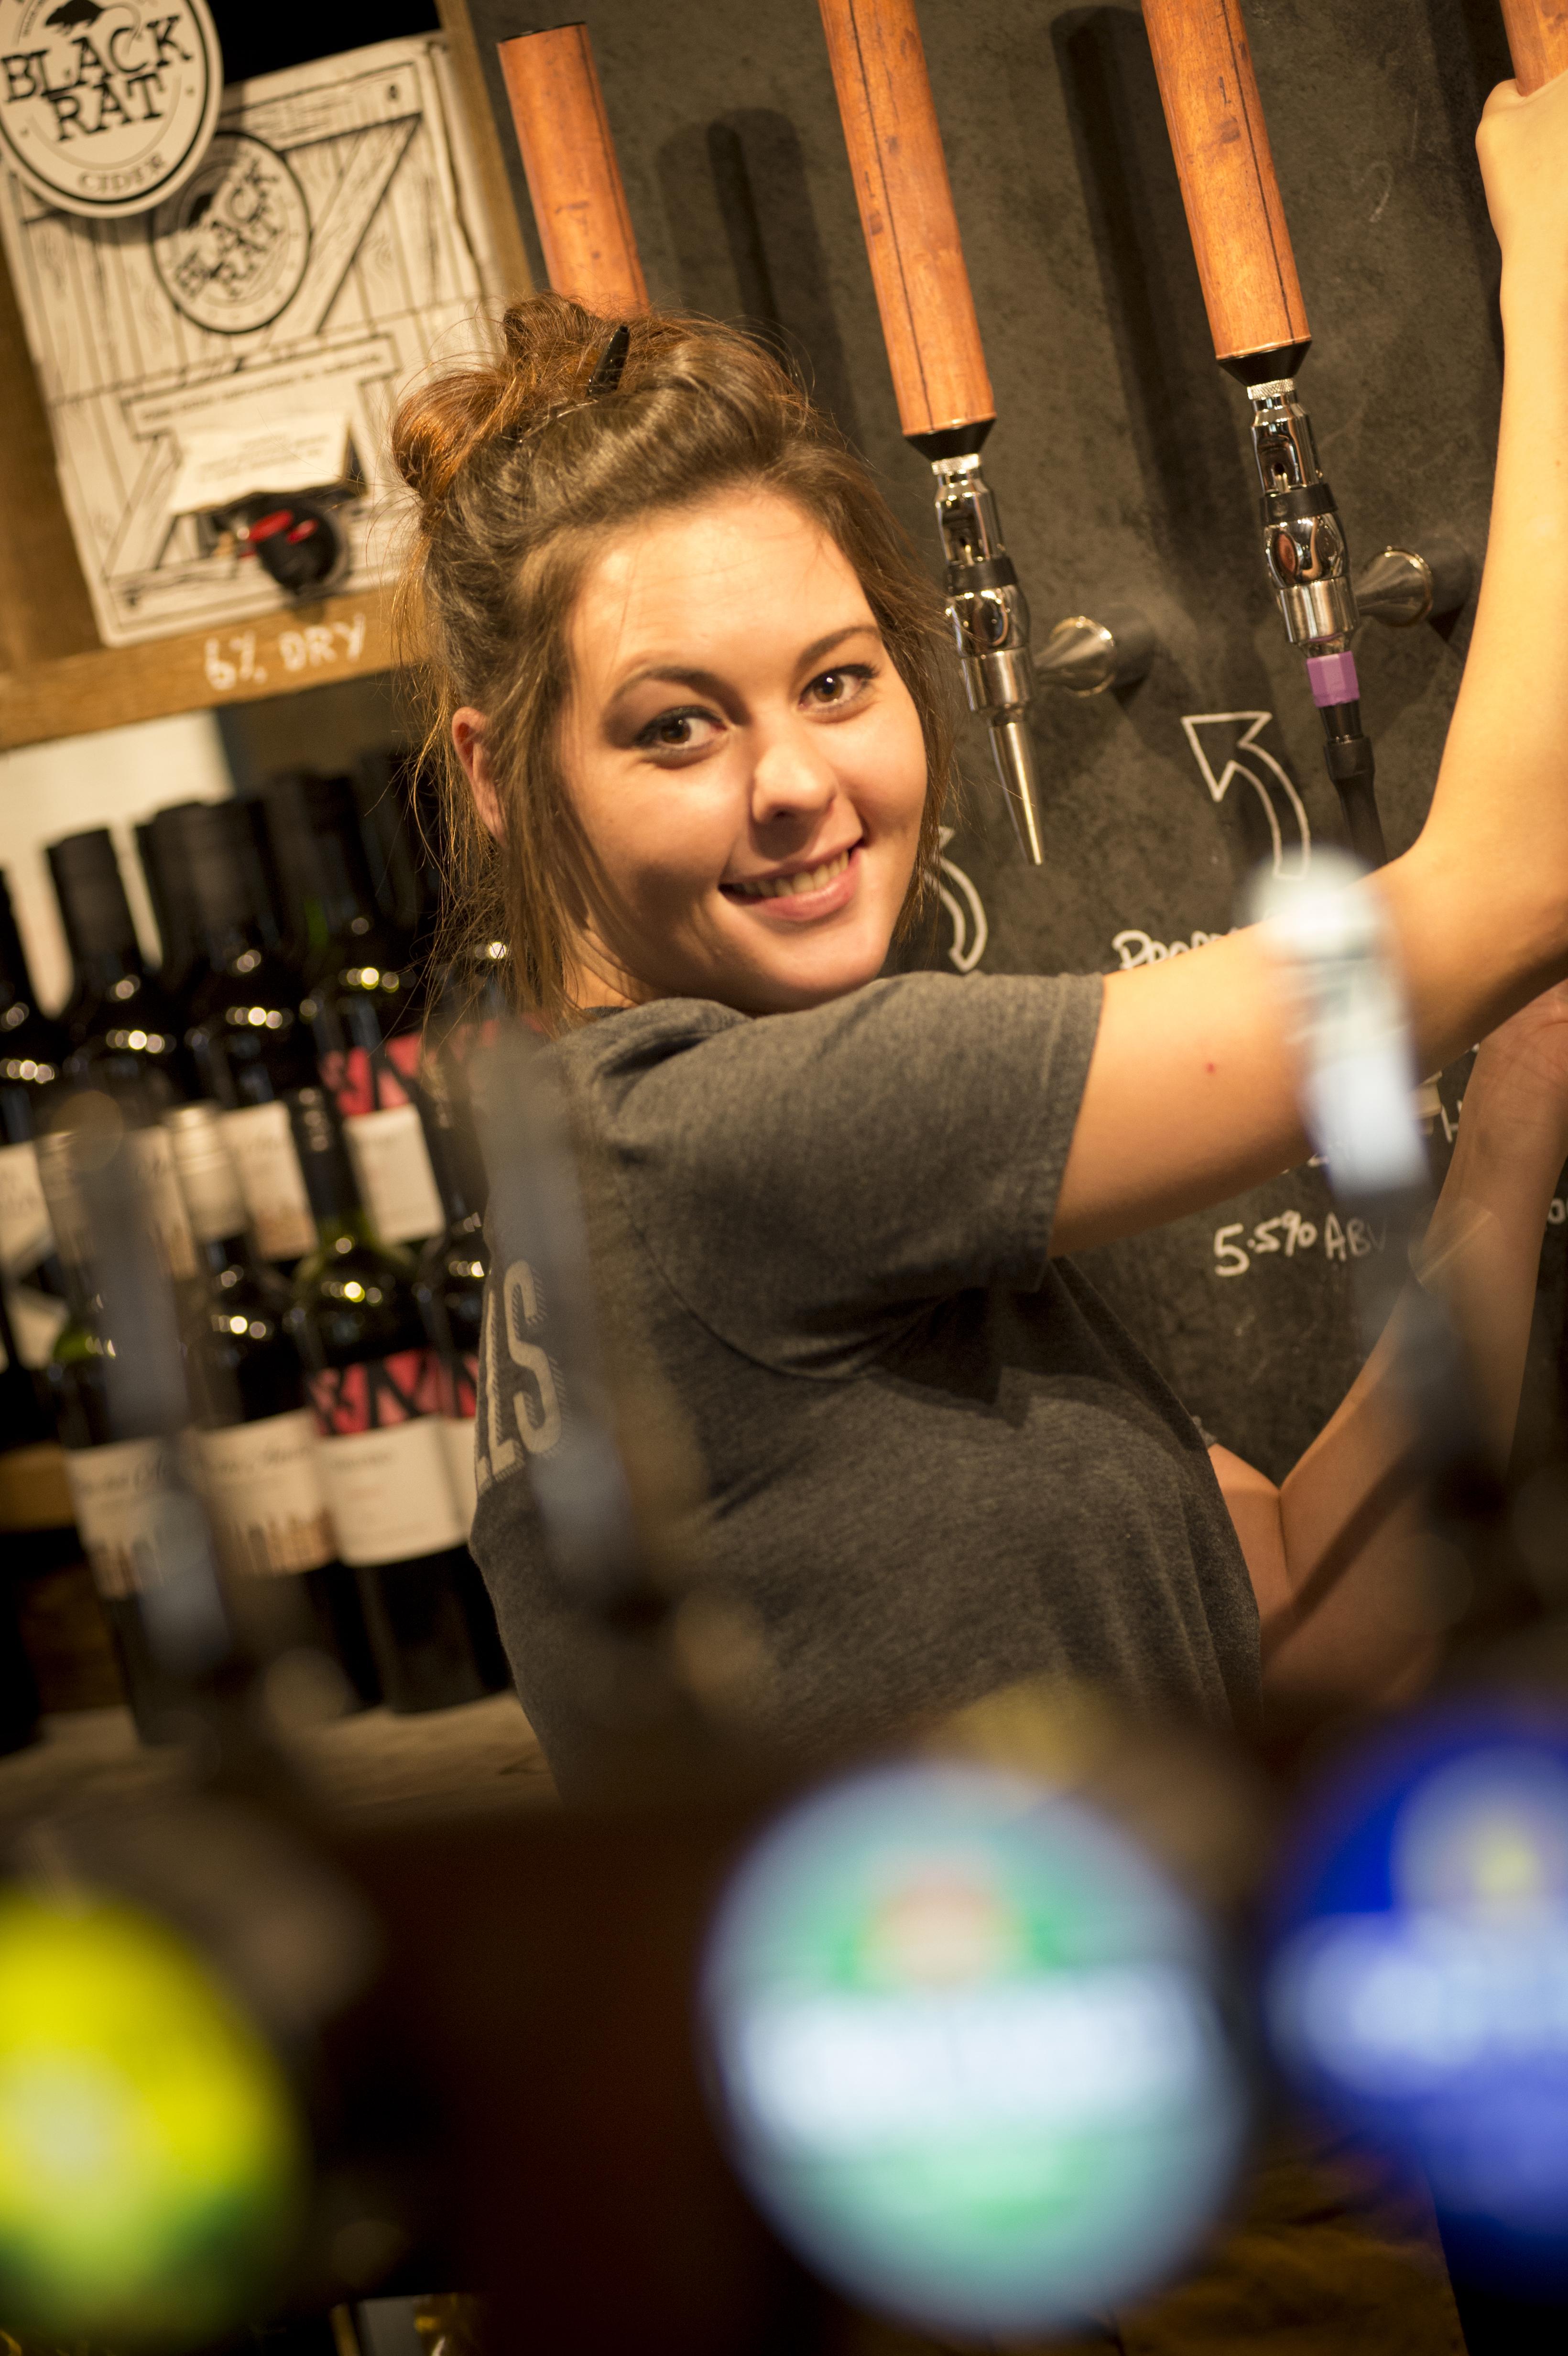 Sawmills pub staff